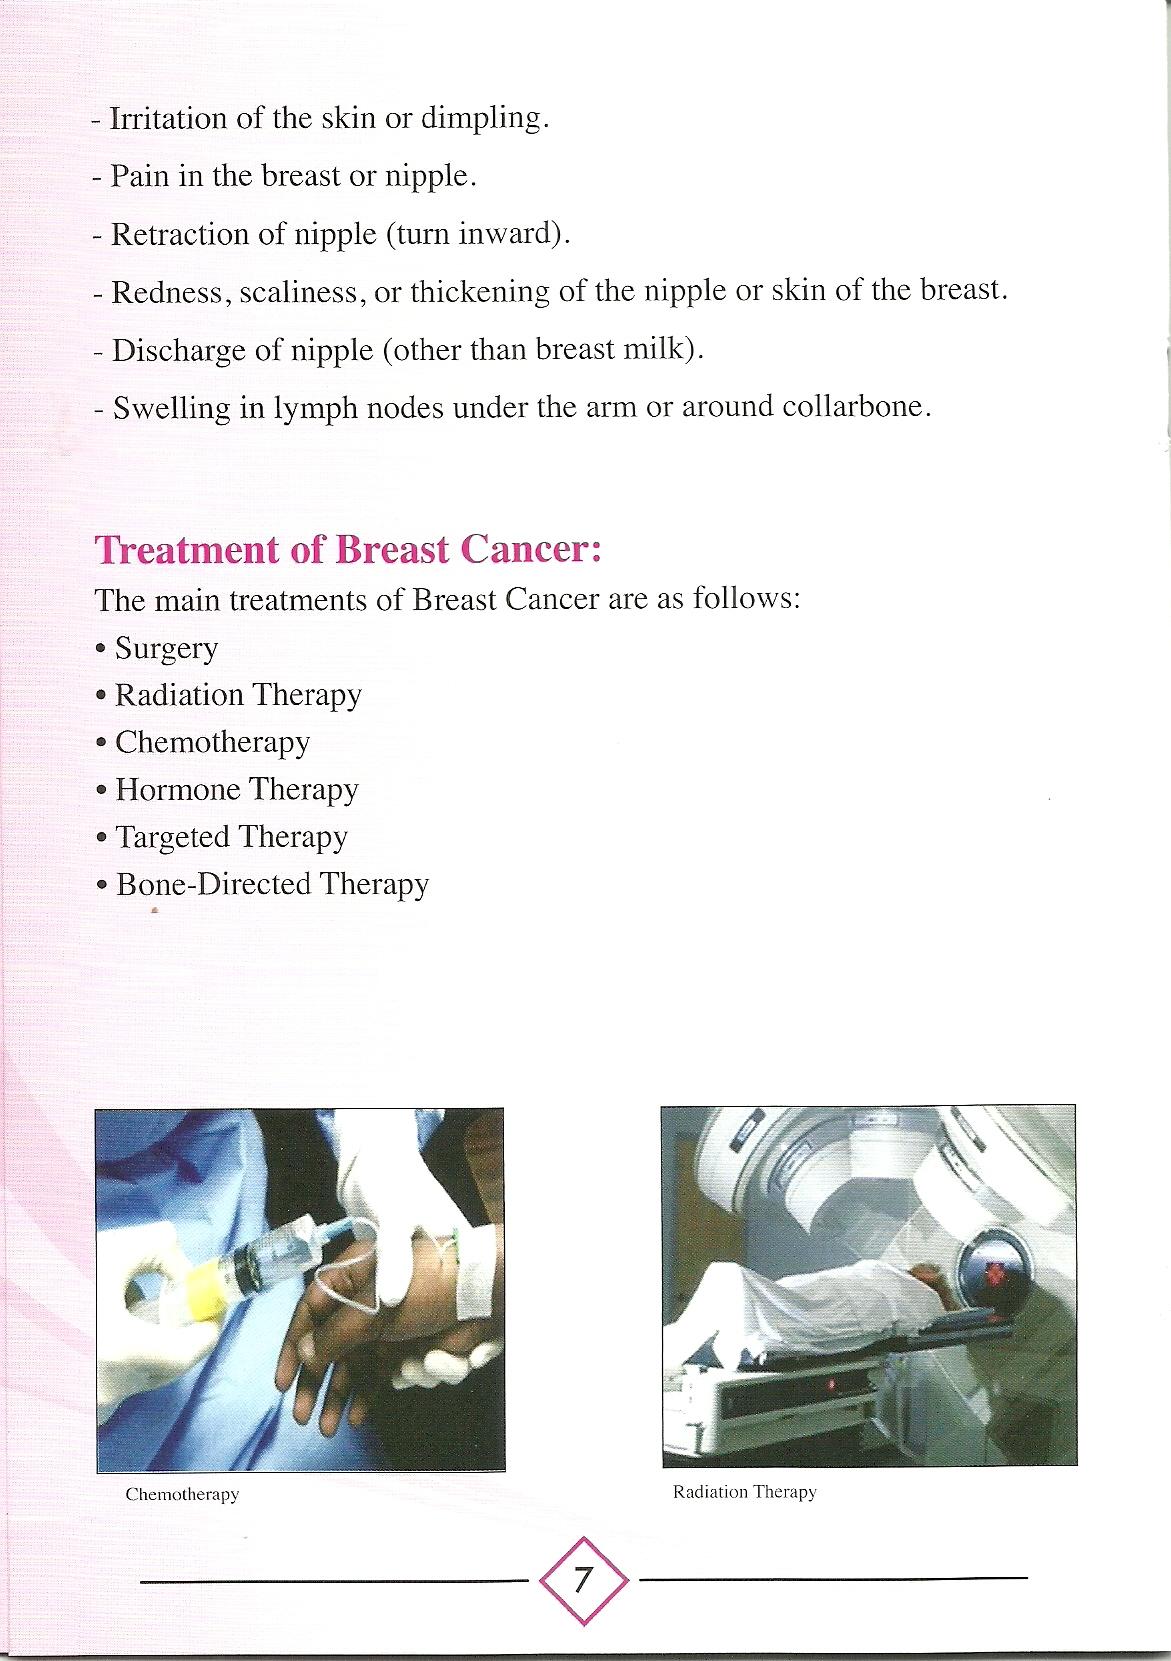 سرطان الثدي16